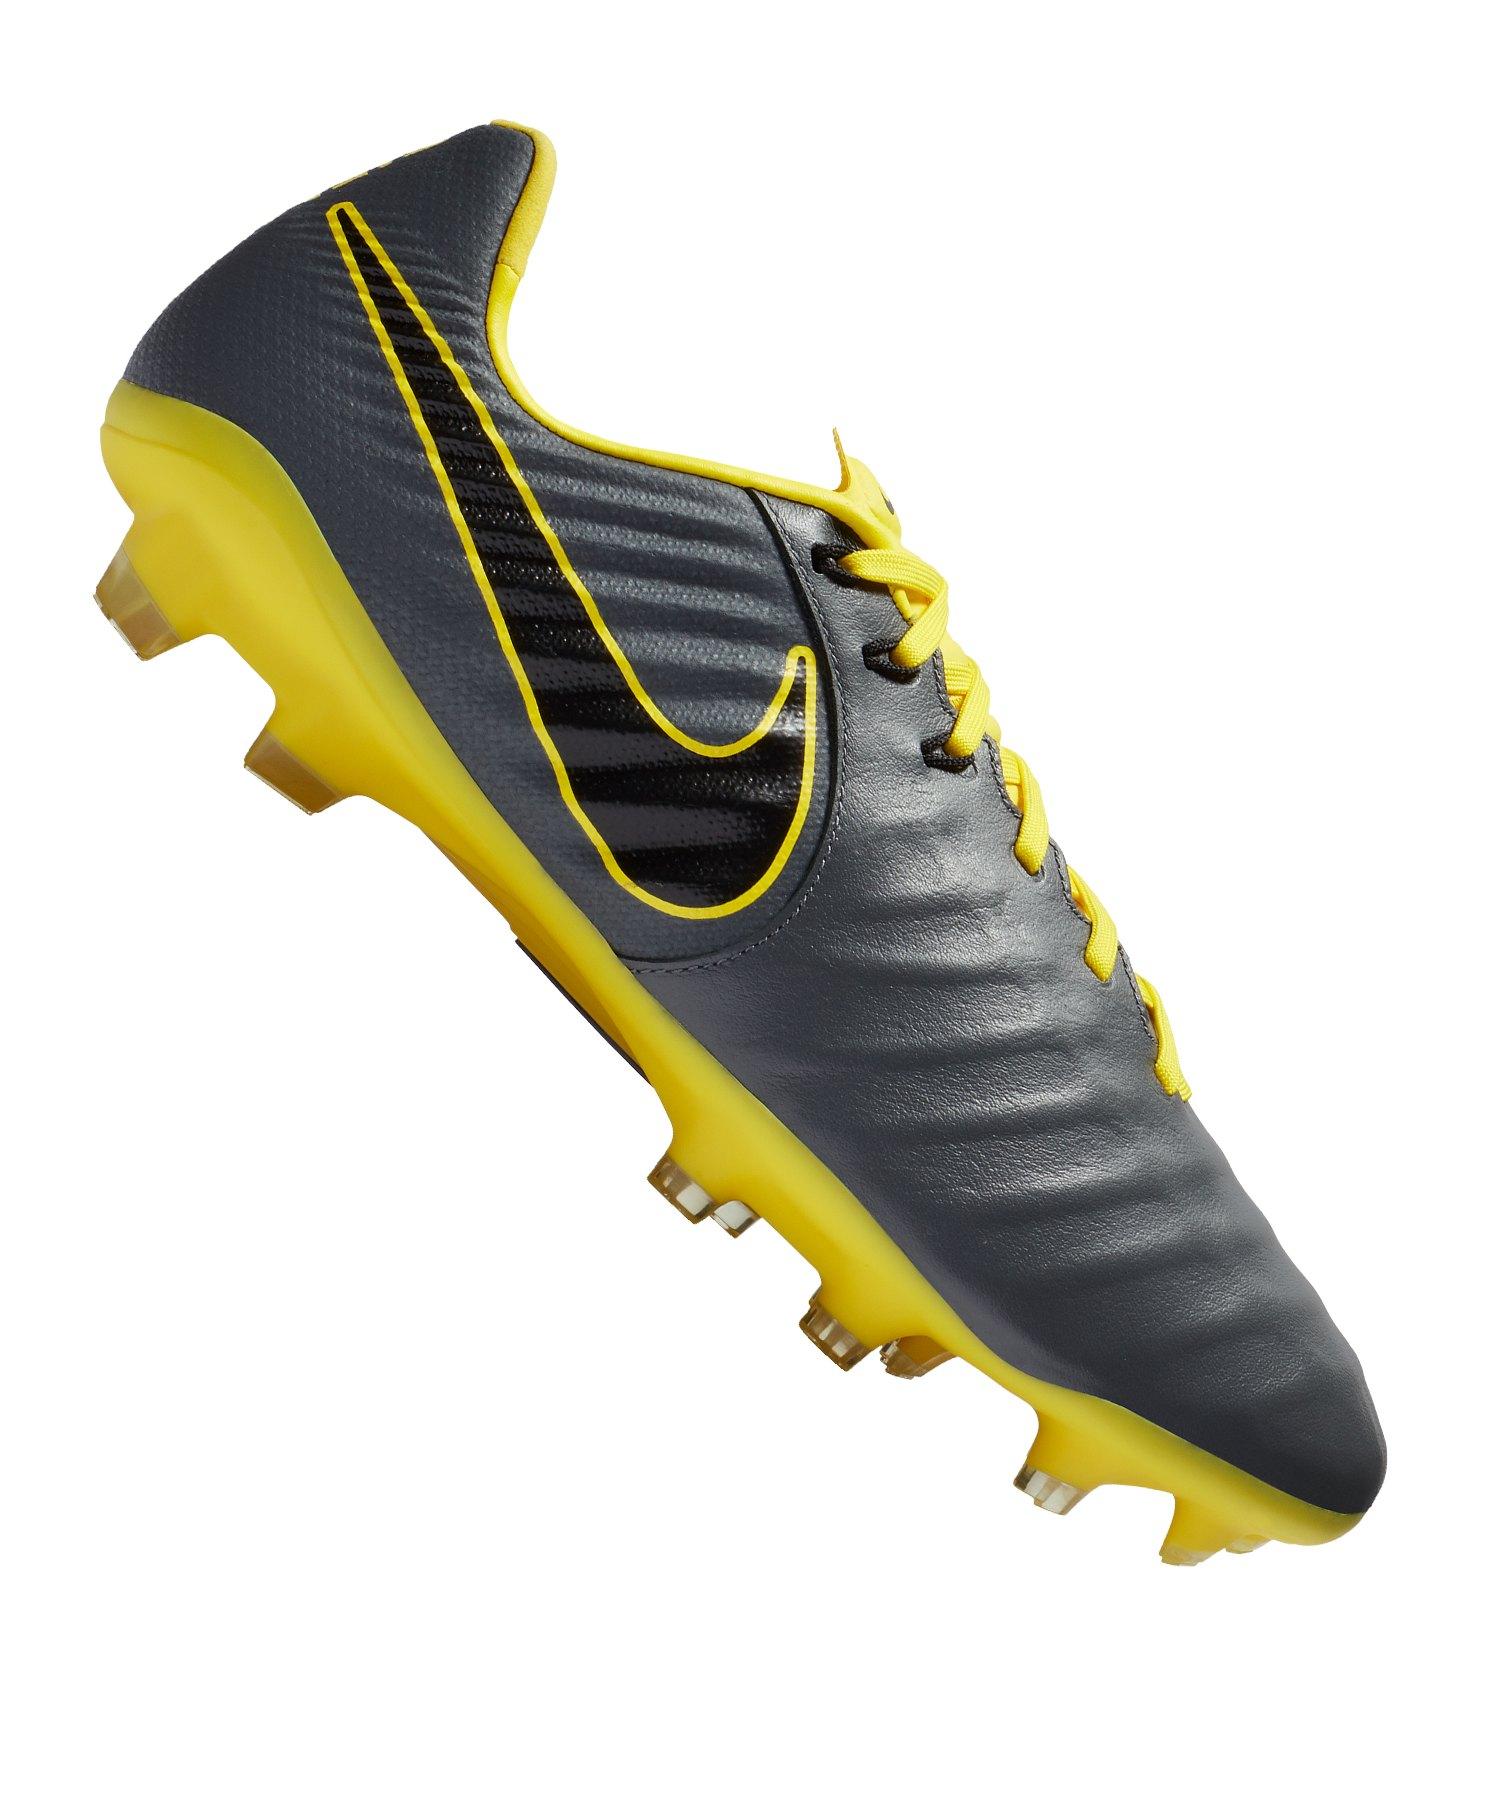 Nike Tiempo Legend VII Pro FG Grau Gelb F070 - grau